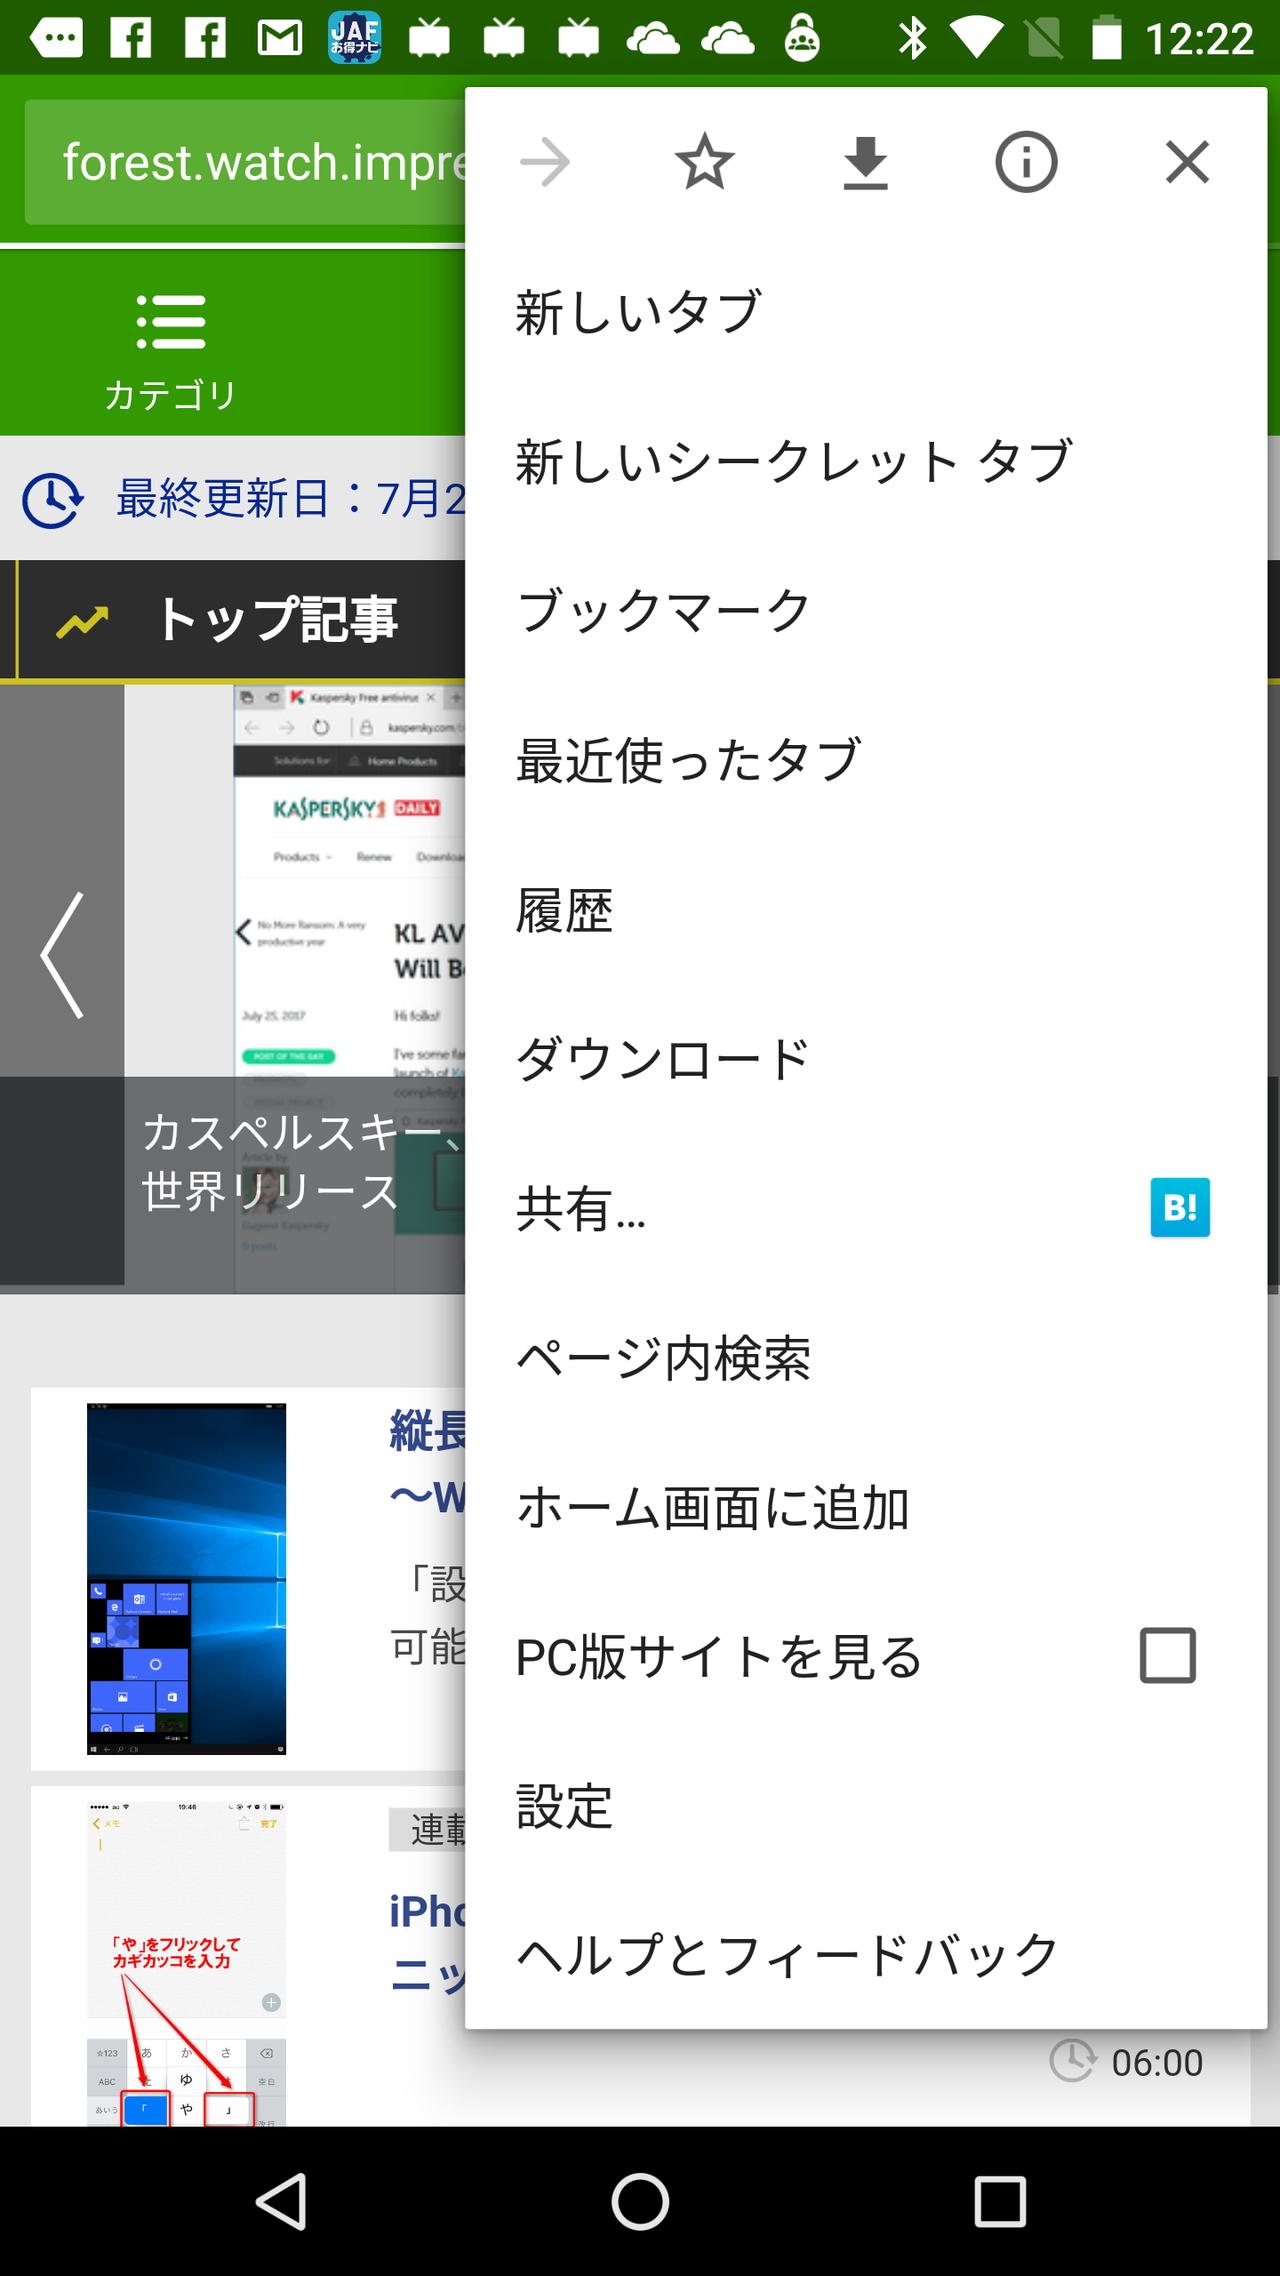 スマートフォンの共有機能を利用してPCへ閲覧ページを送信